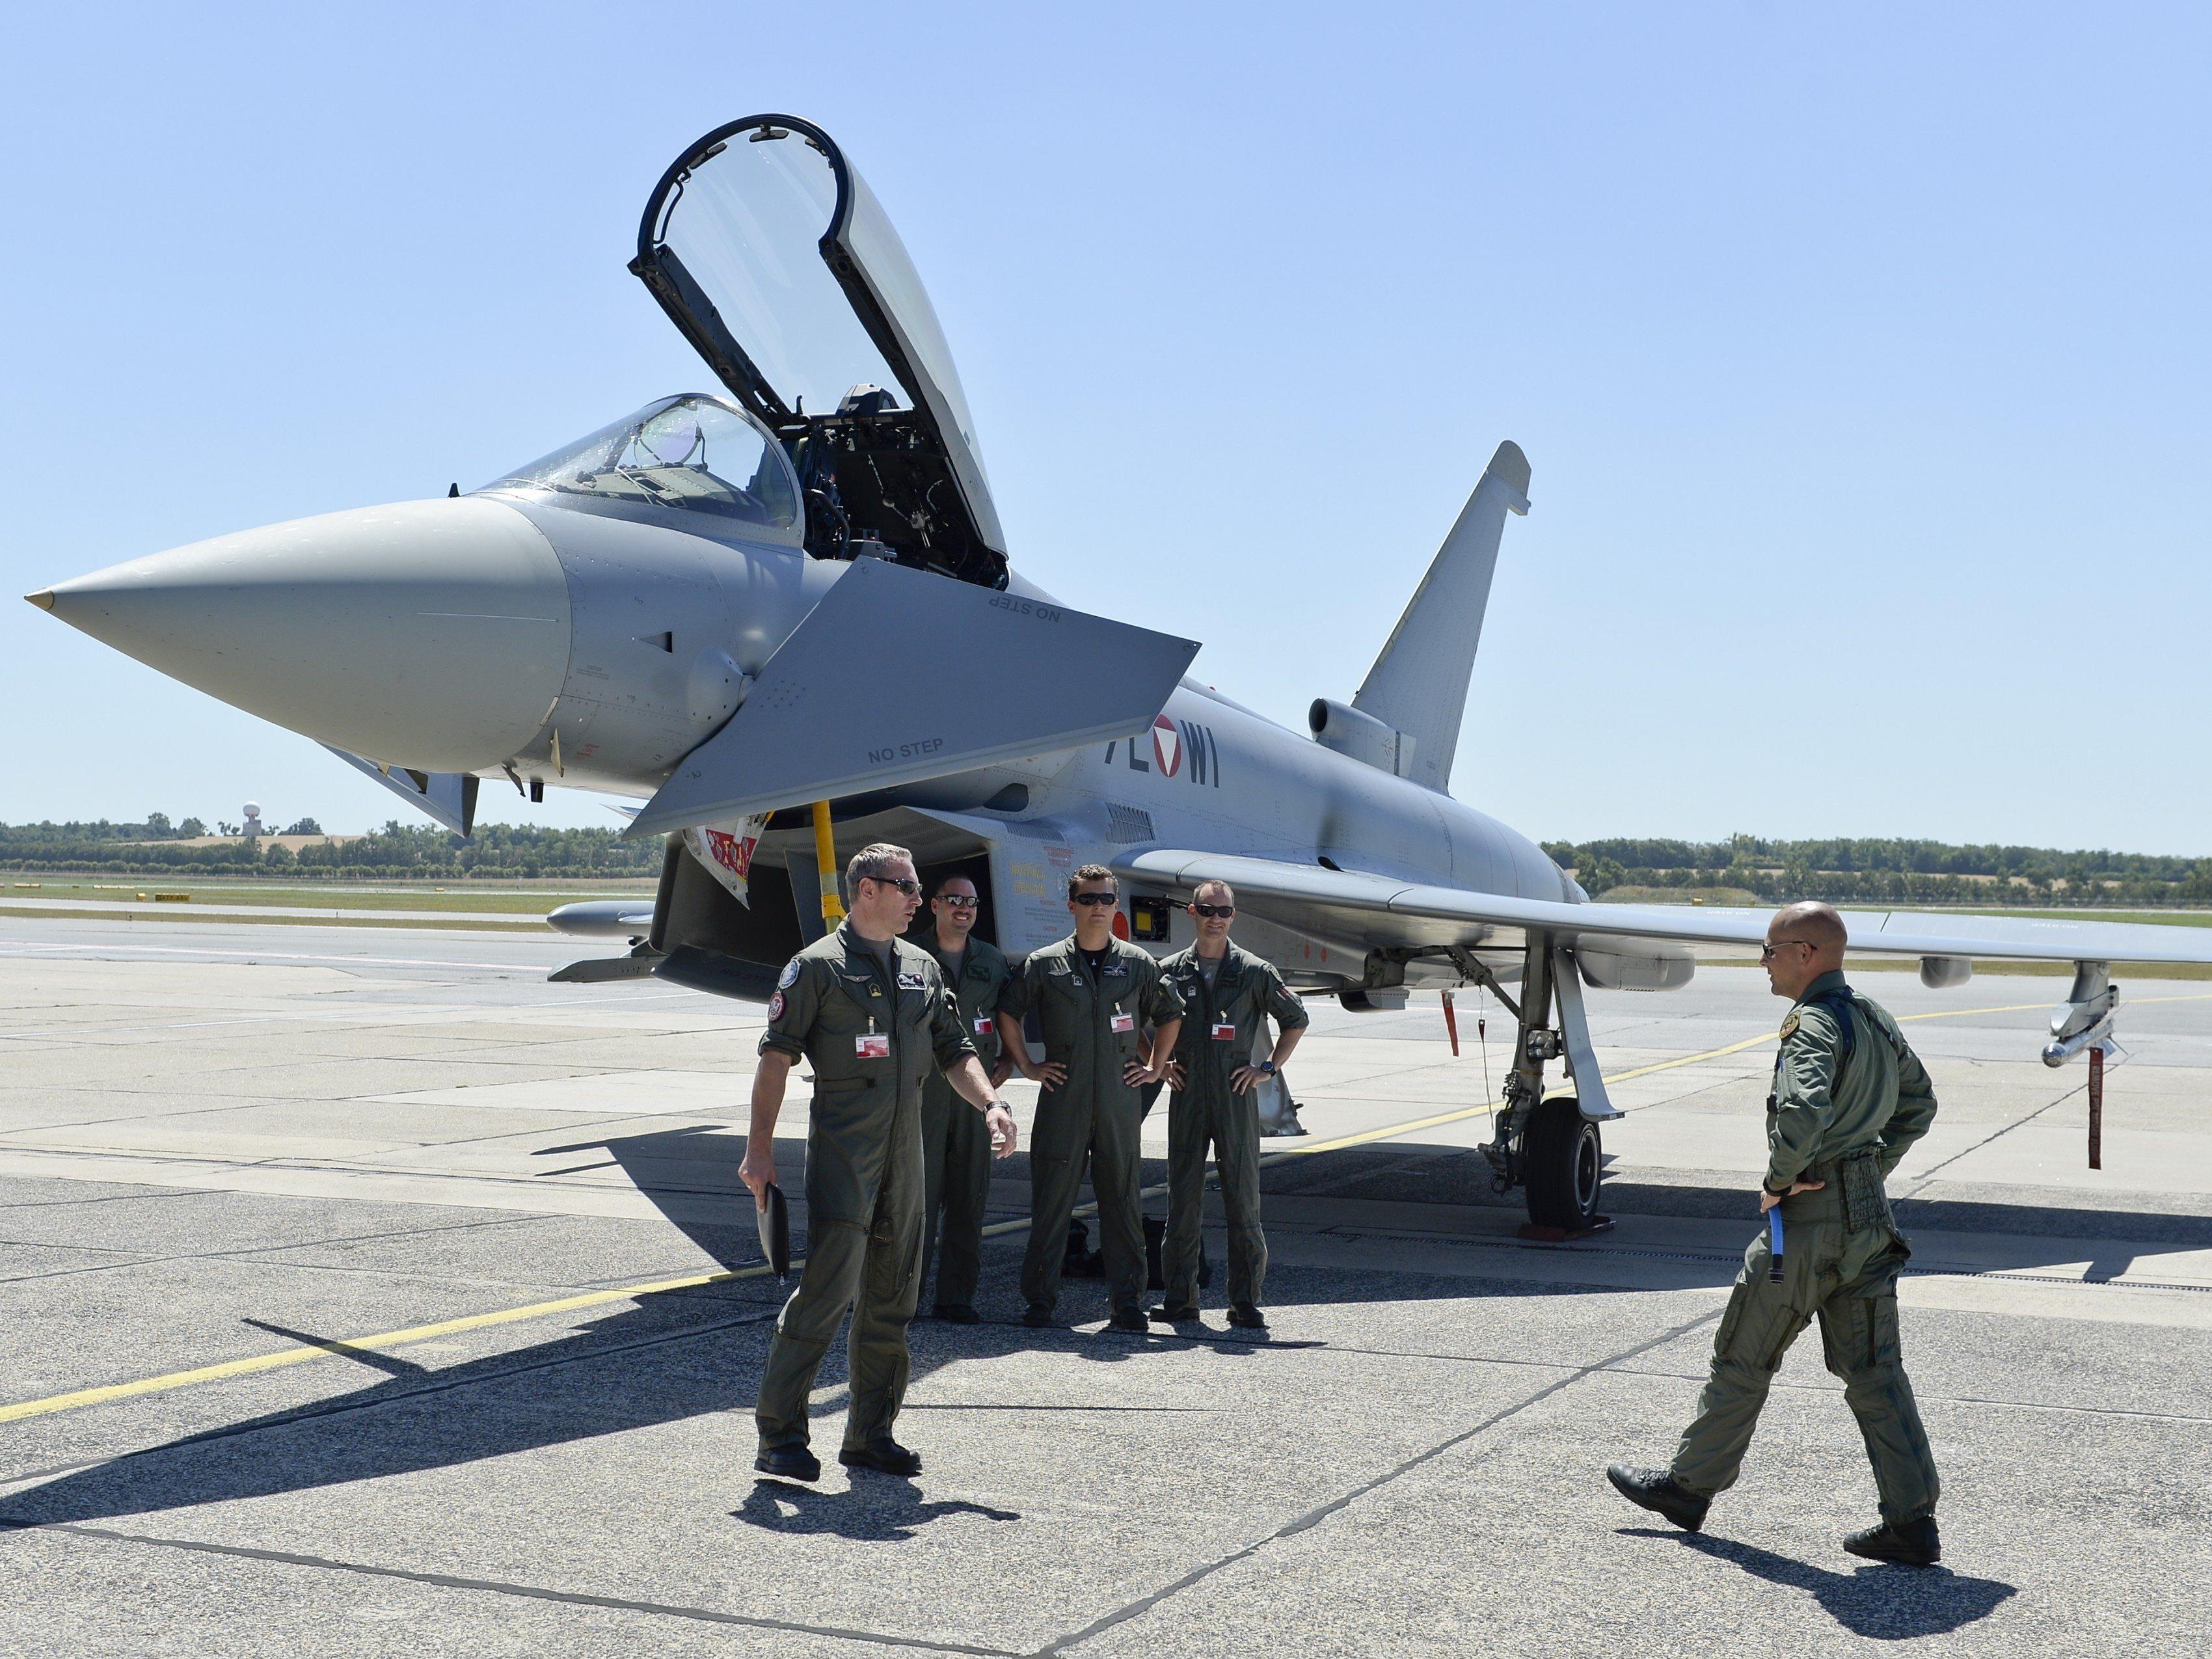 Laut Offiziersgesellschaft des Bundesheeres sei der Betrieb der Eurofighter in Frage gestellt.